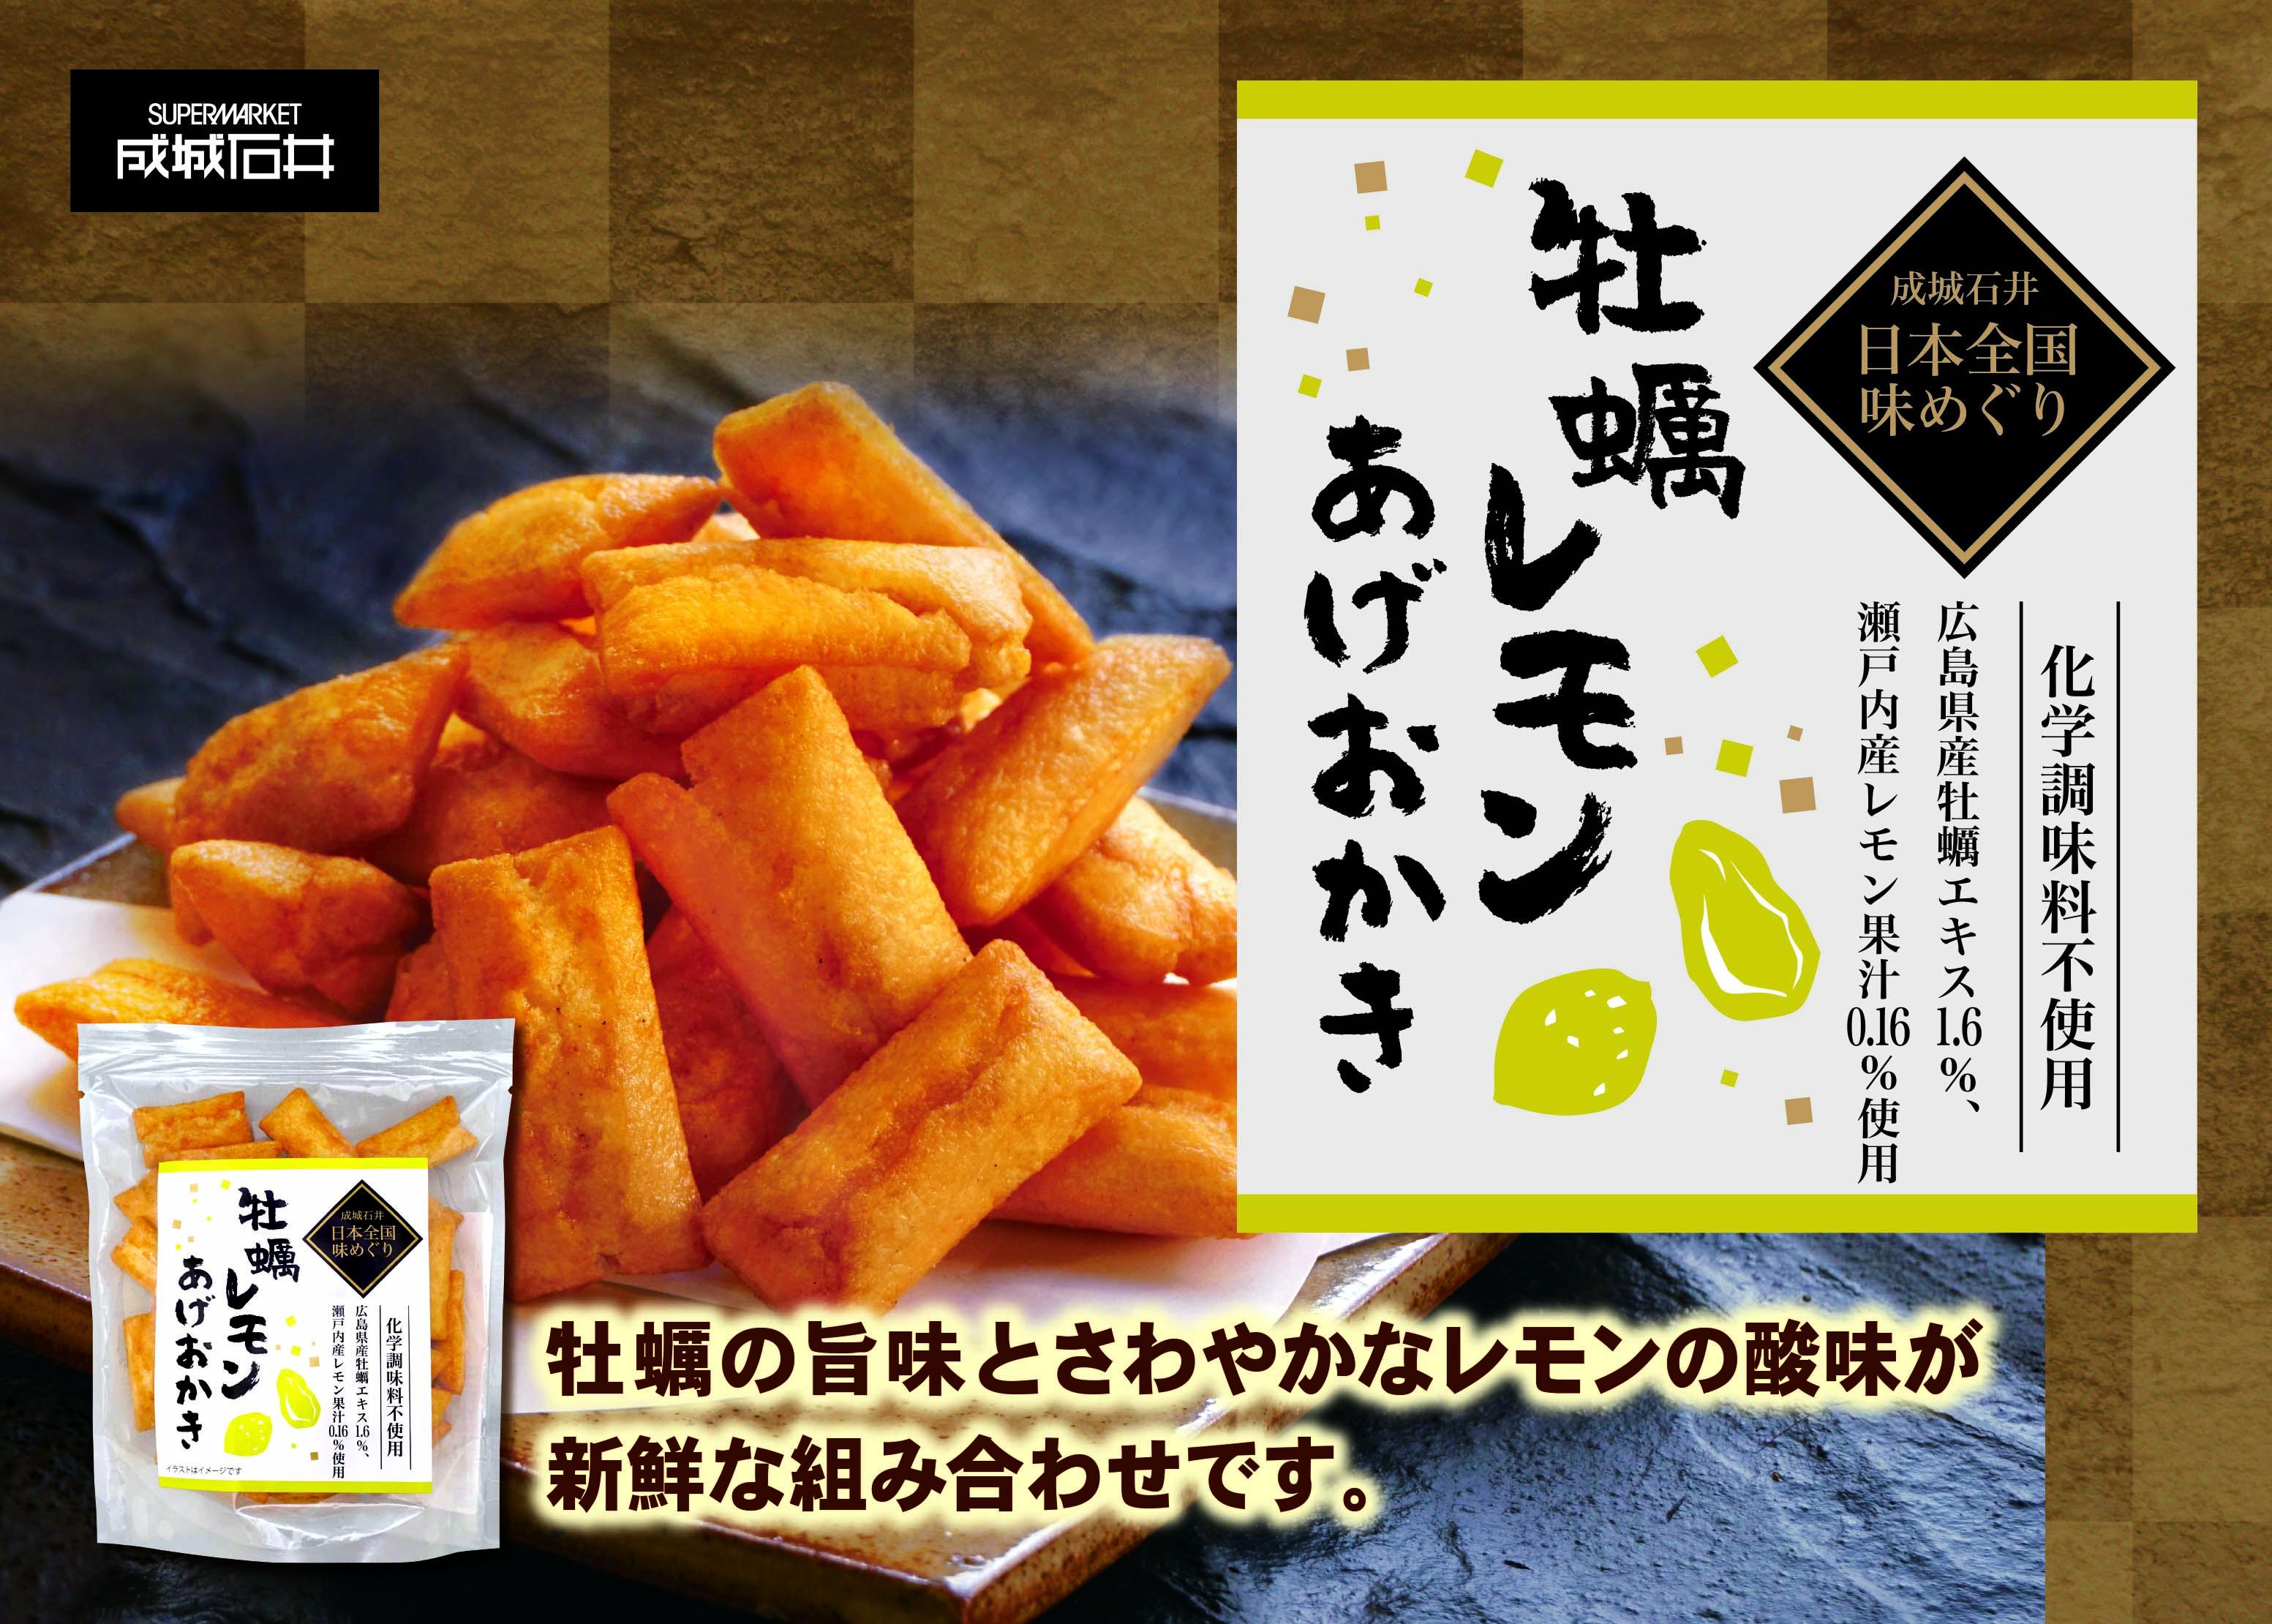 成城石井 日本全国味めぐり 牡蠣レモンあげおかき